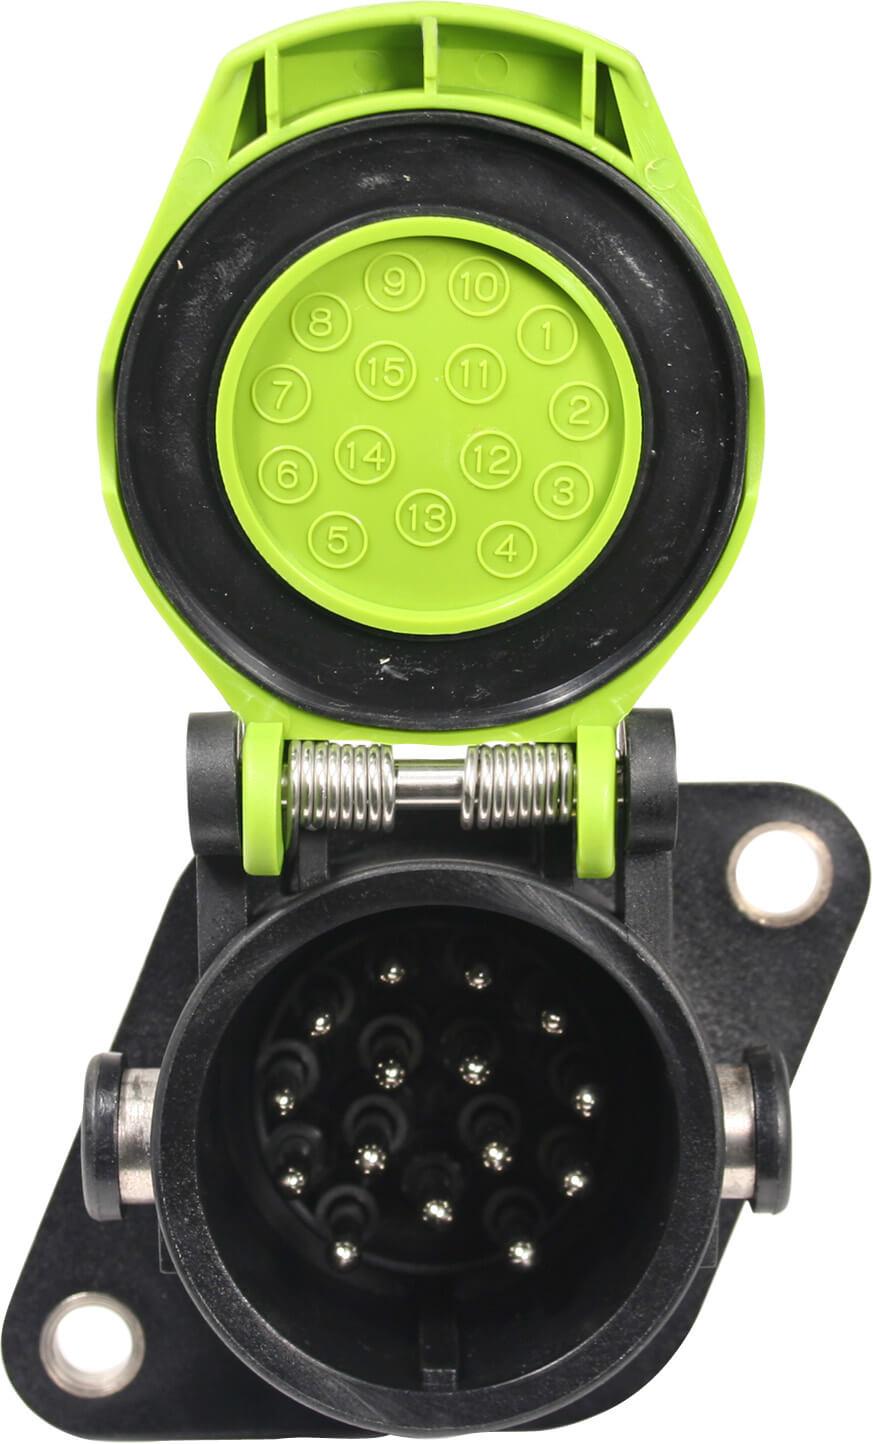 Gniazdo 15-Pin z przewodem QCS®STA-DRY® PERMAPLUG™